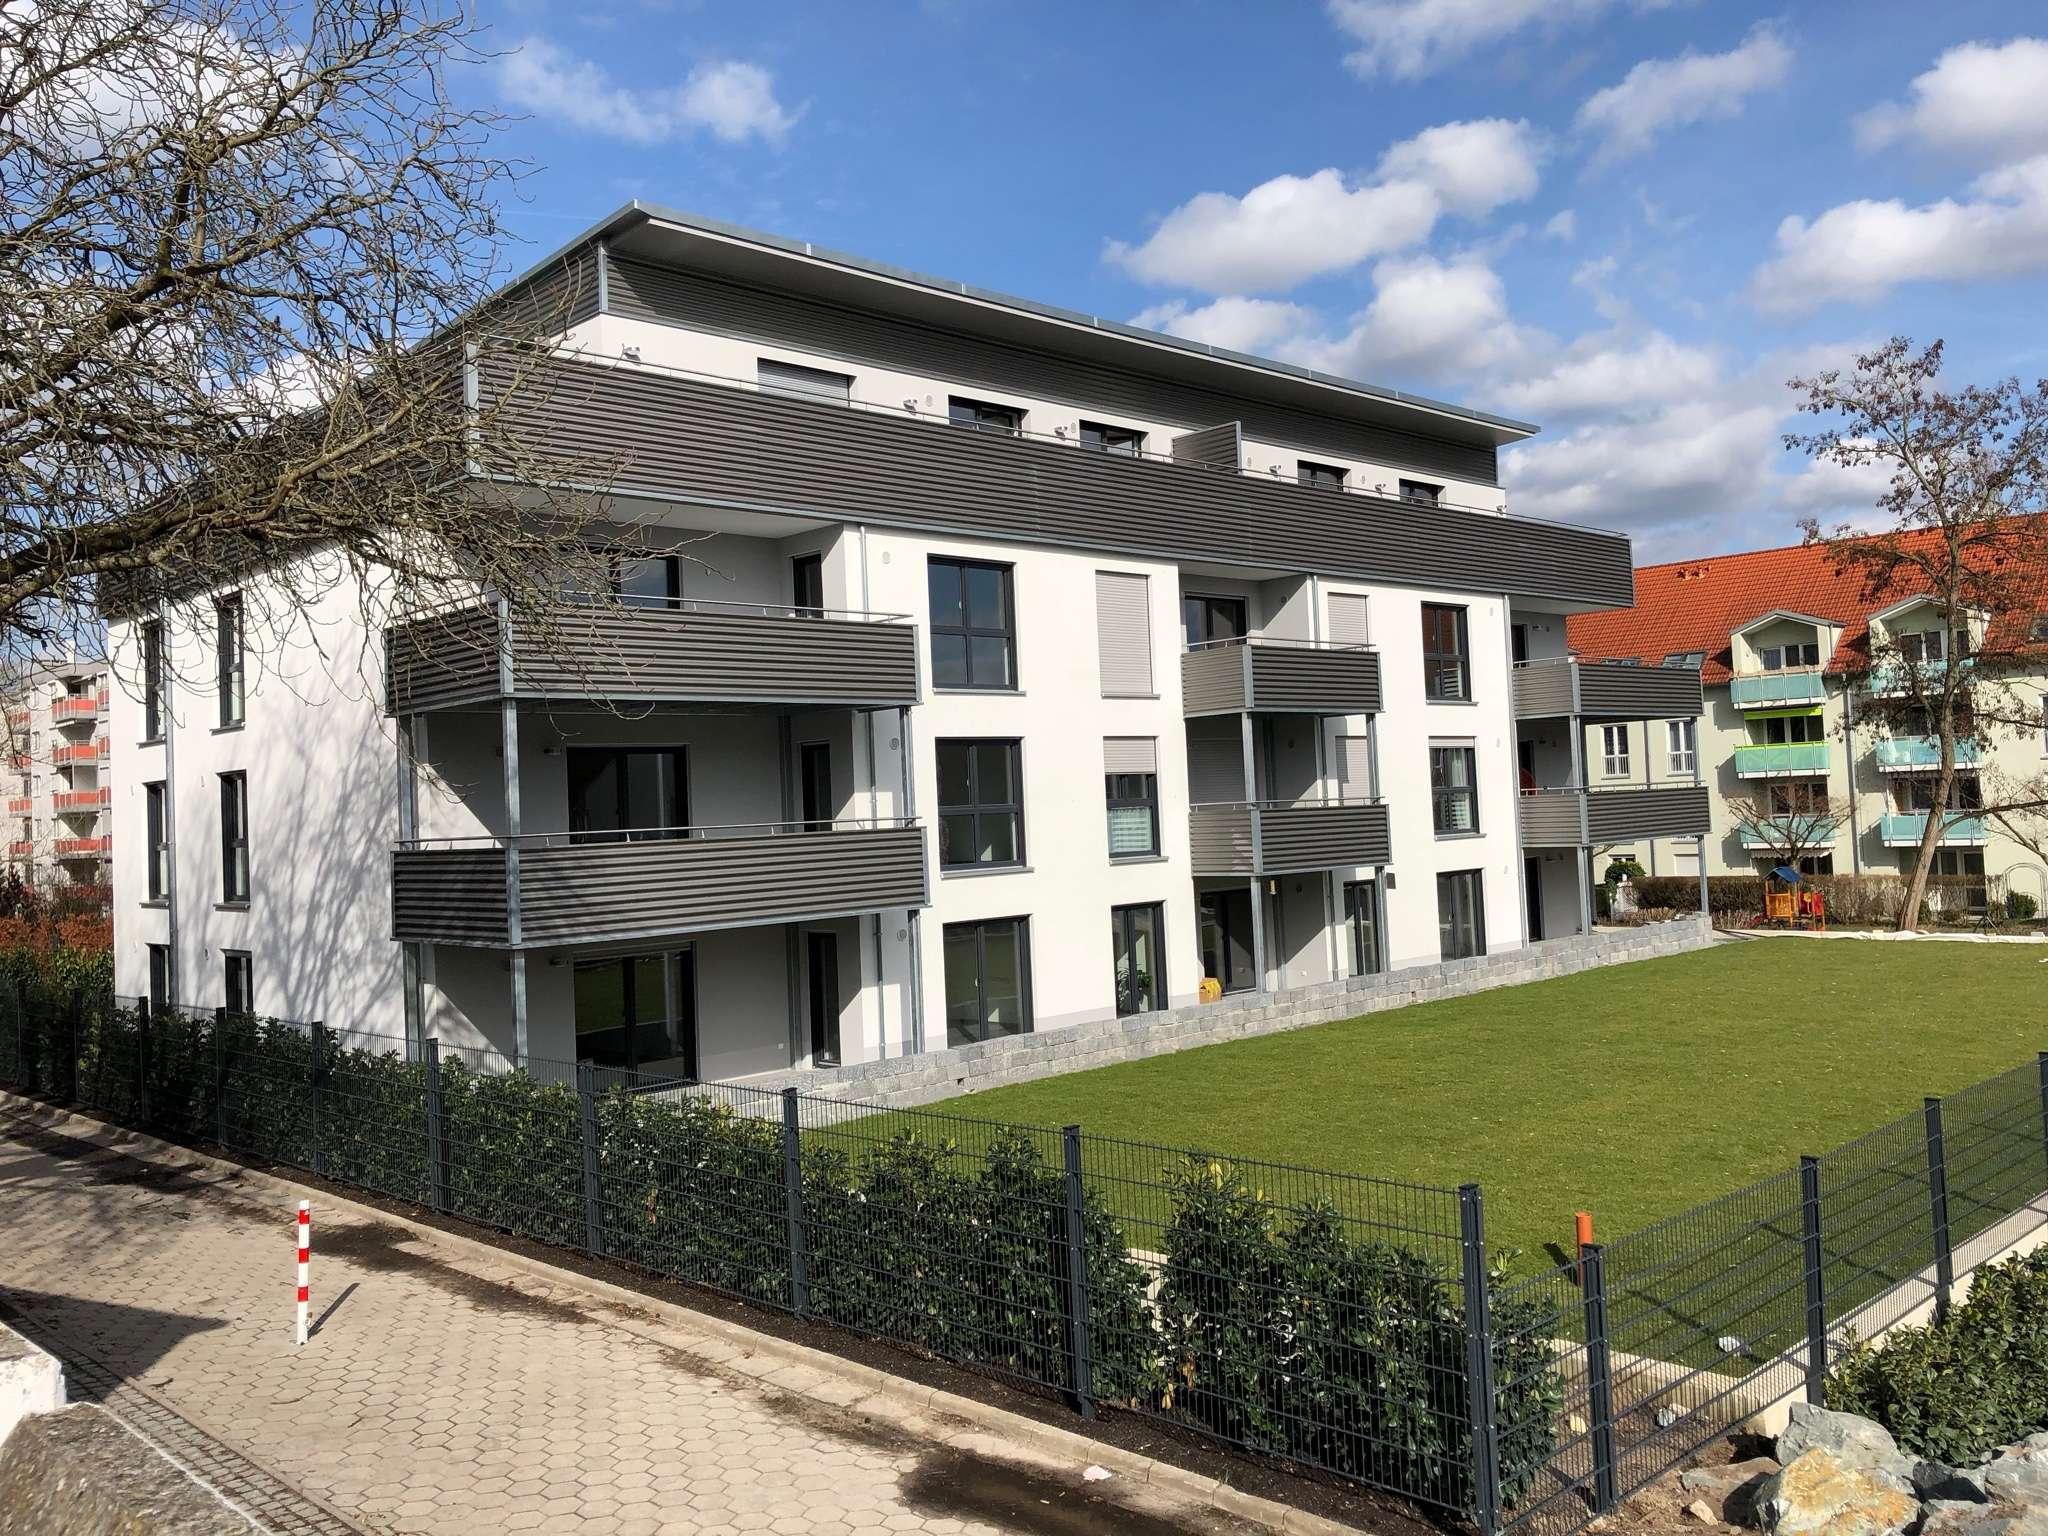 Großzügige 4-Zi. Neubau Wohnung in Hammerstatt/St. Georgen/Burg (Bayreuth)